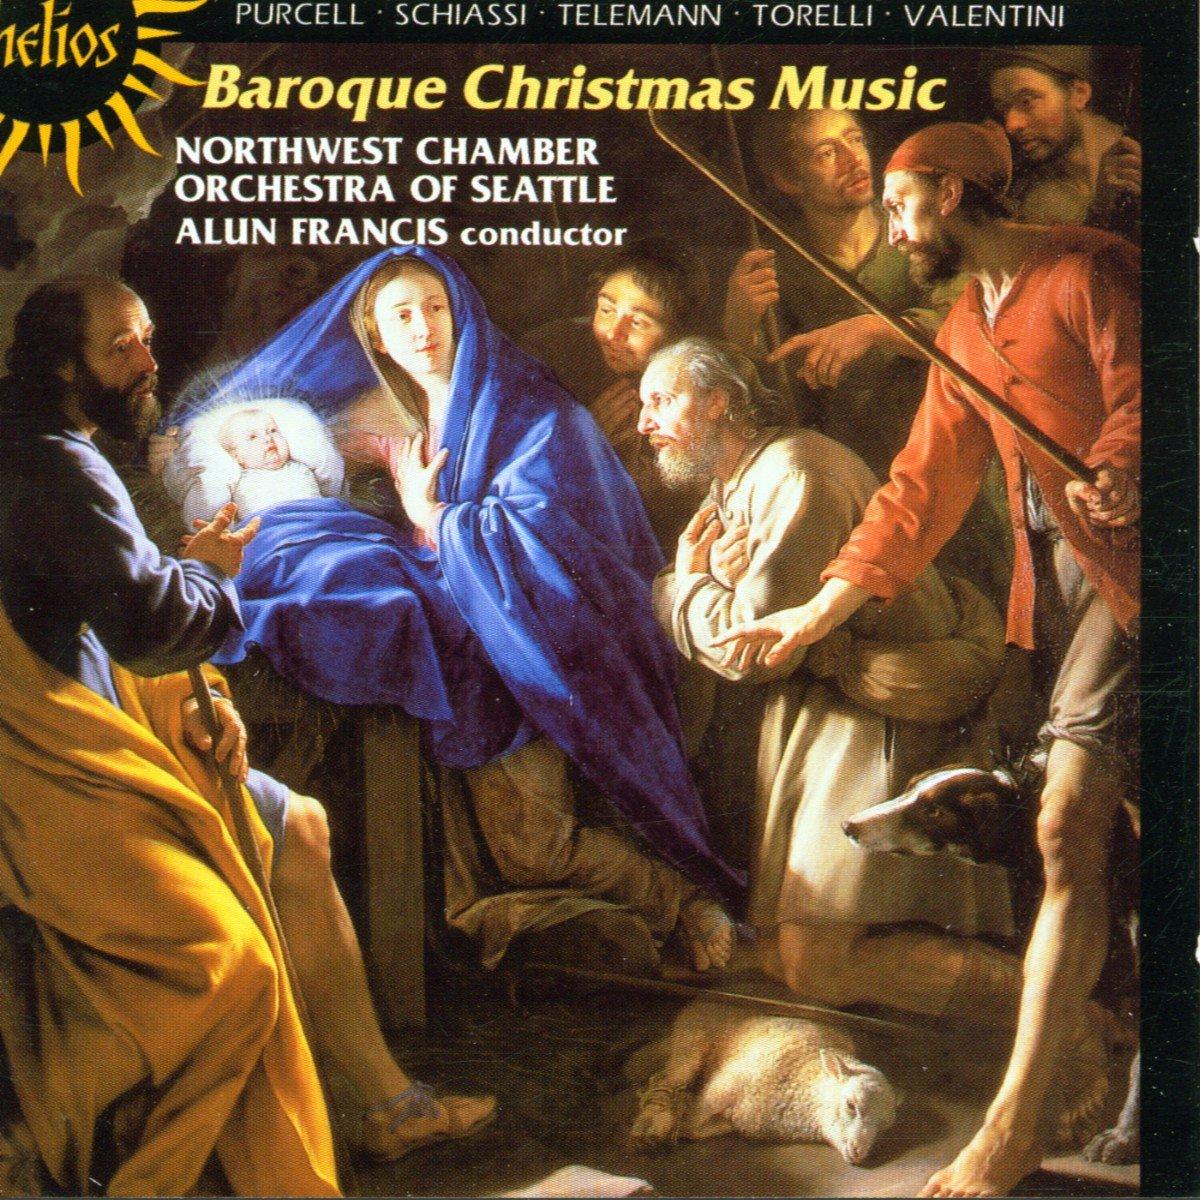 Purcell, Valentini, Torelli, Schiassi Telemann, Alun Francis ...